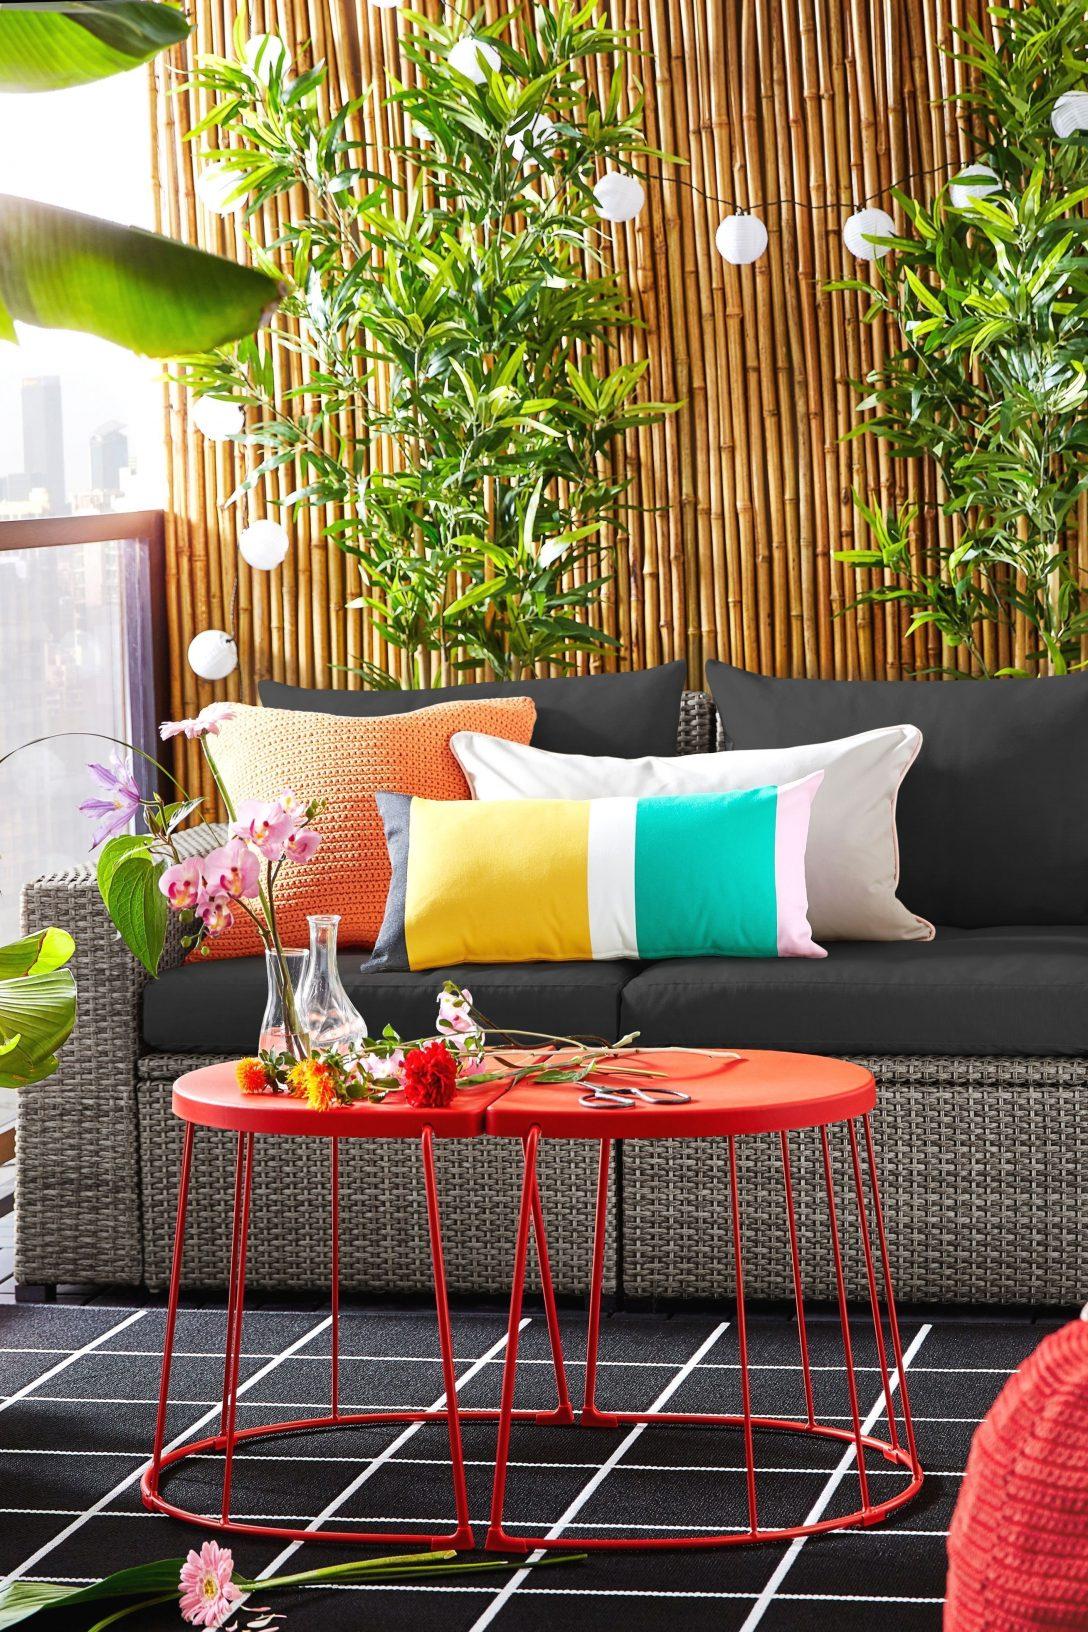 Large Size of Ikea Miniküche Modulküche Betten 160x200 Bei Fenster Sichtschutz Im Garten Küche Kaufen Sichtschutzfolie Kosten Einseitig Durchsichtig Für Wpc Sofa Mit Wohnzimmer Sichtschutz Balkon Ikea